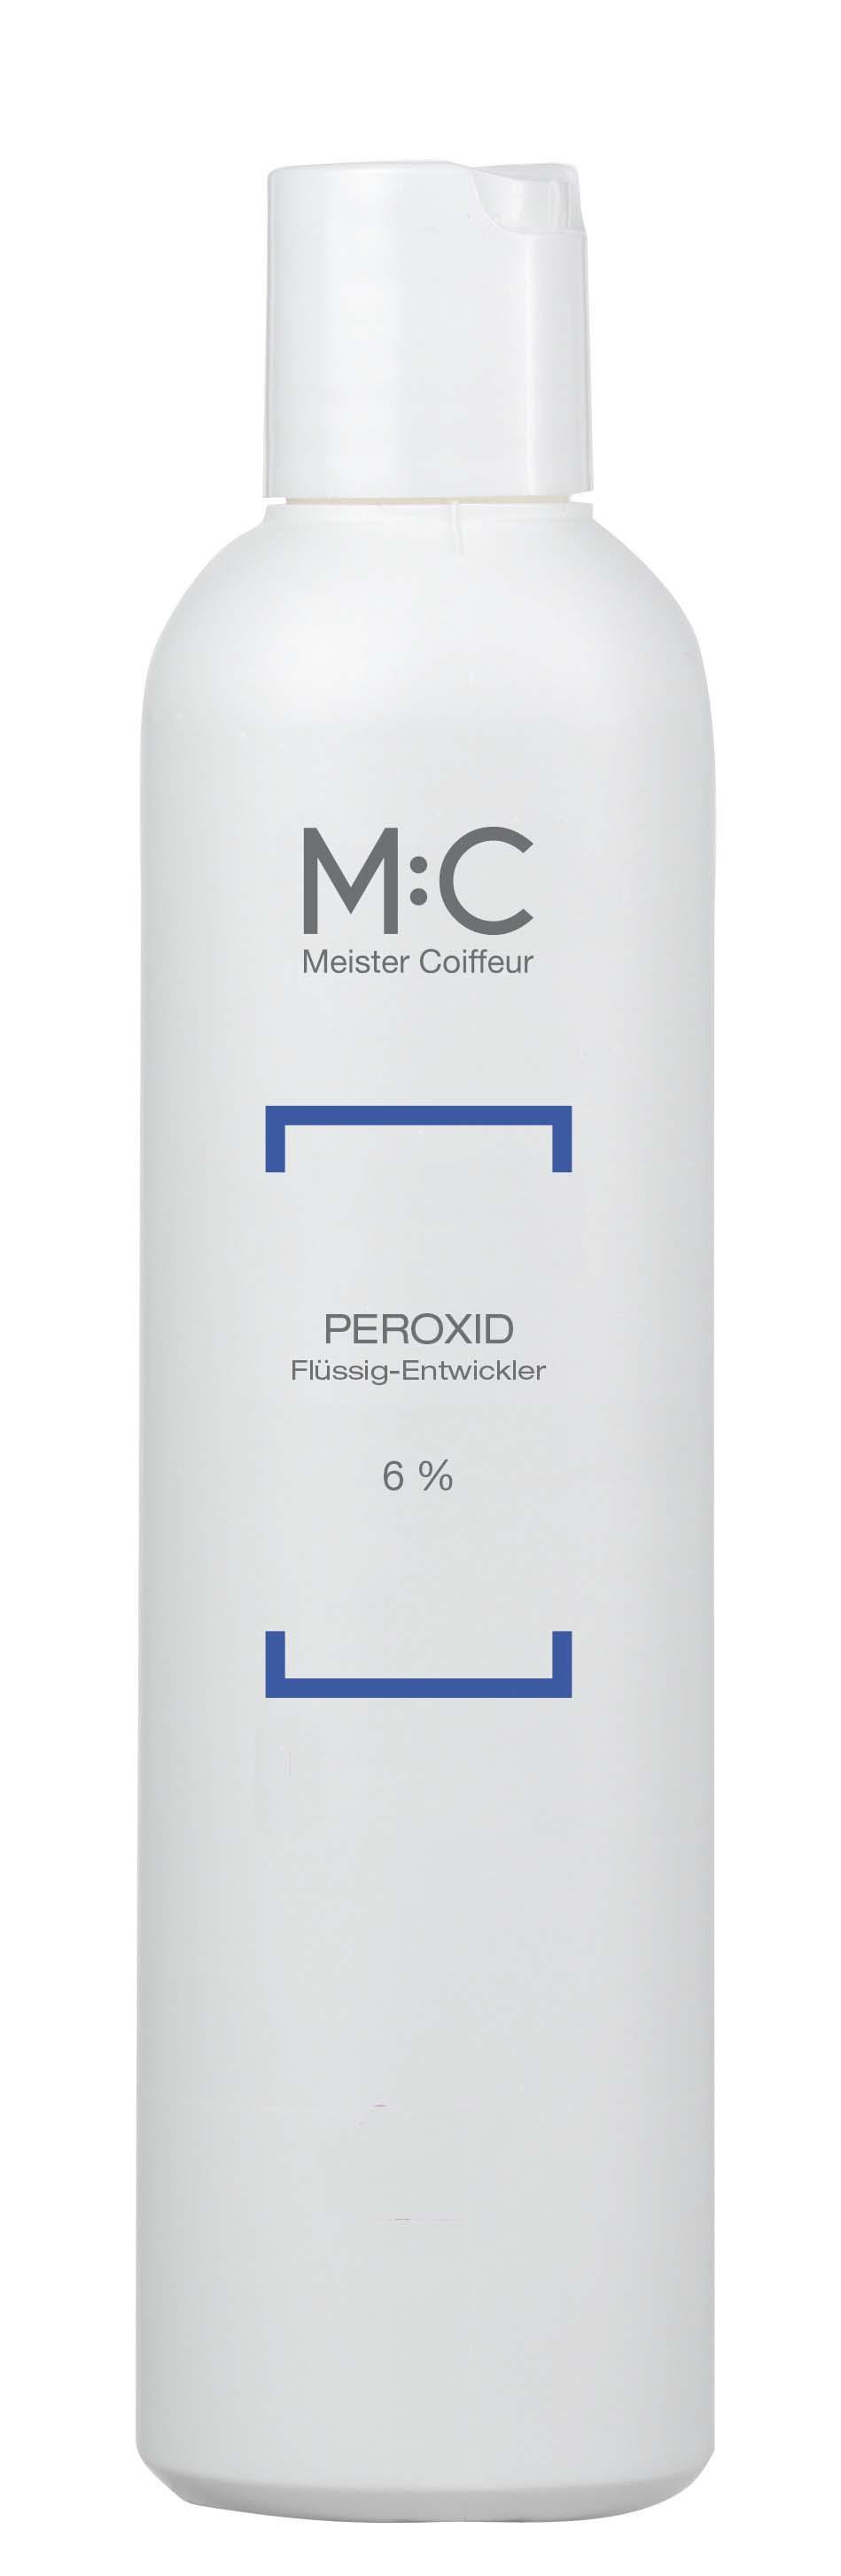 M:C Peroxide 6,0% C 250 ml